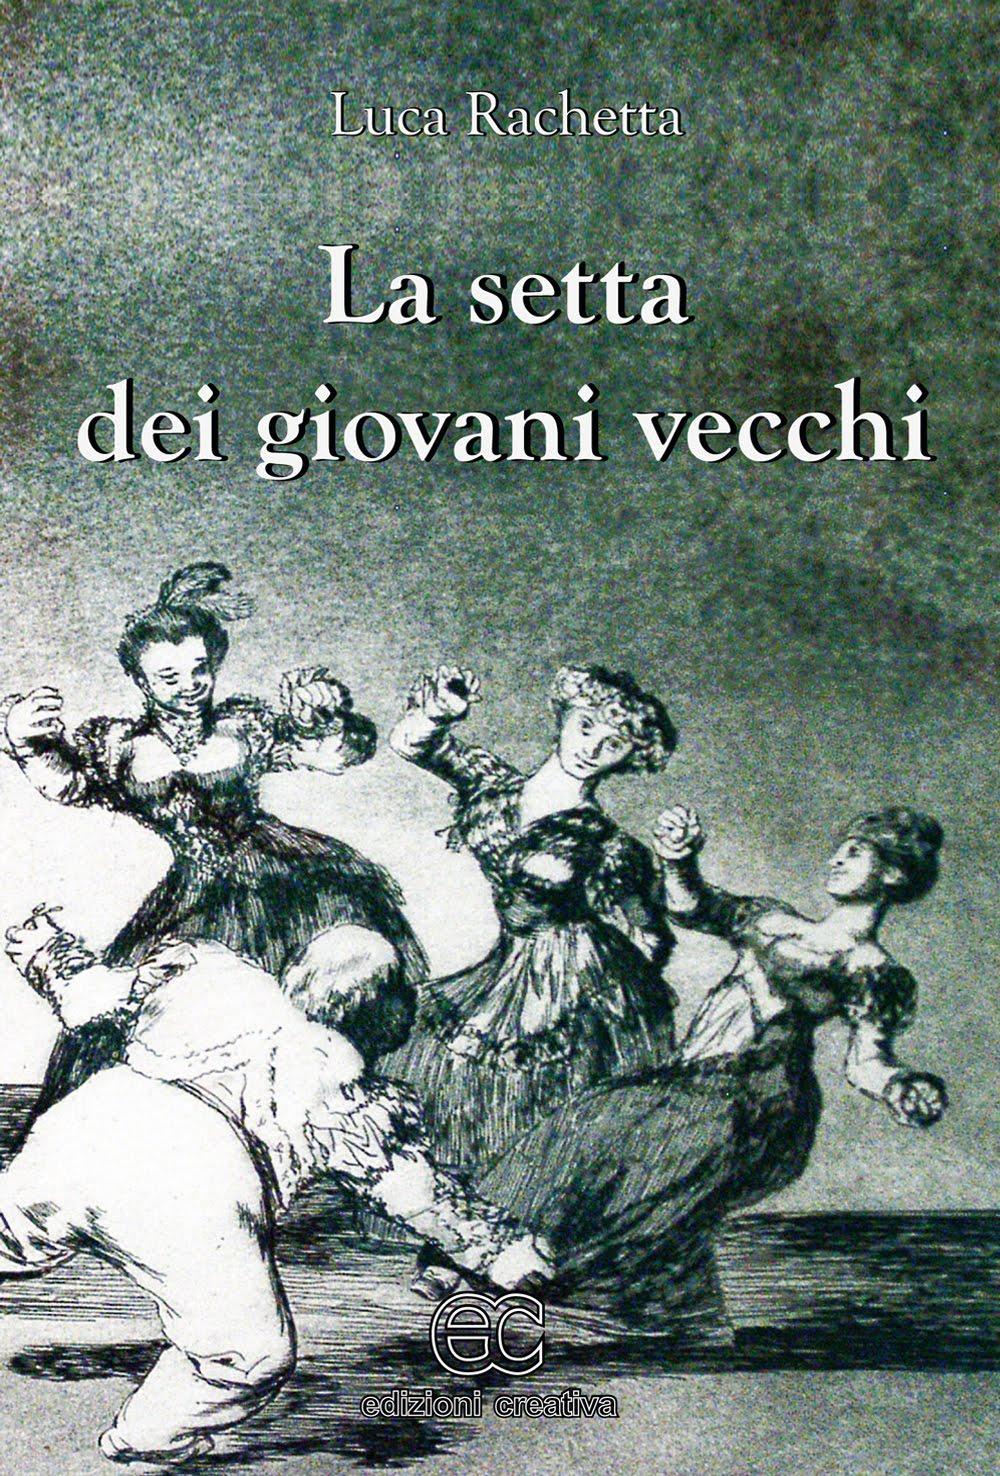 La setta dei giovani vecchi di Luca Rachetta